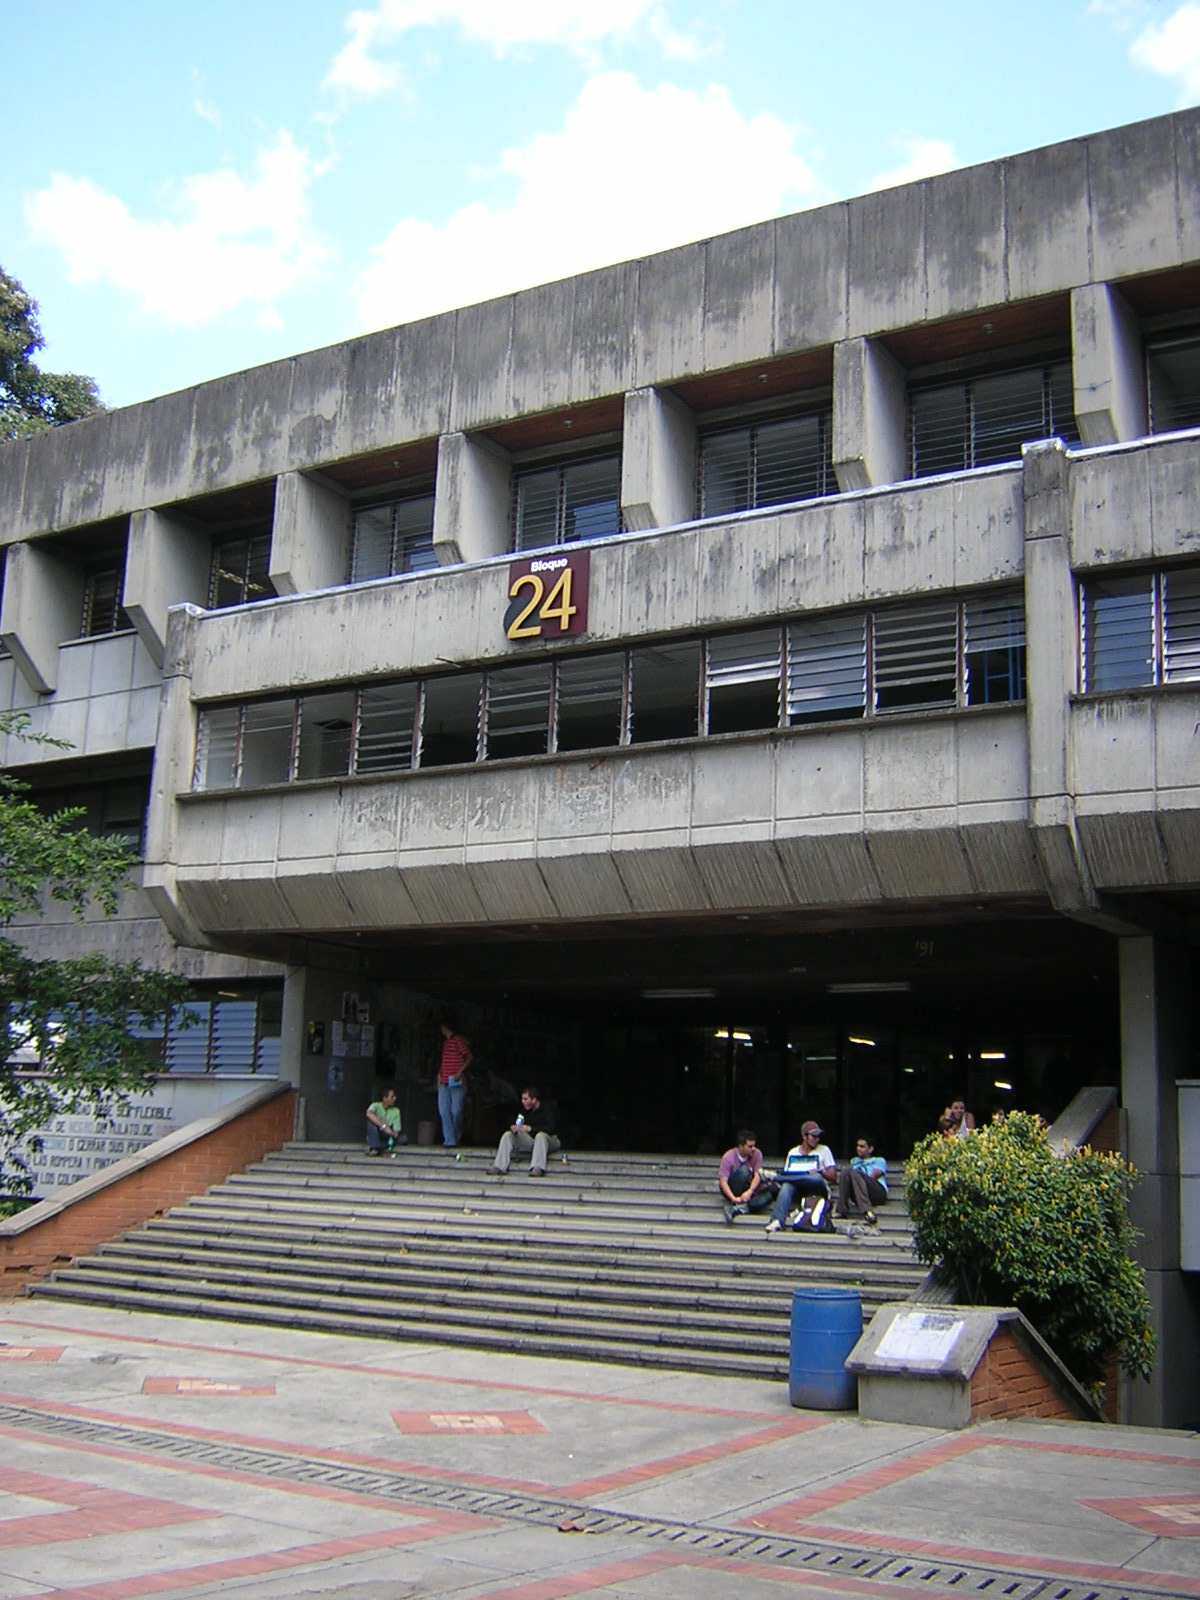 Facultad de arquitectura unal medell n wikipedia la for Facultad de arquitectura